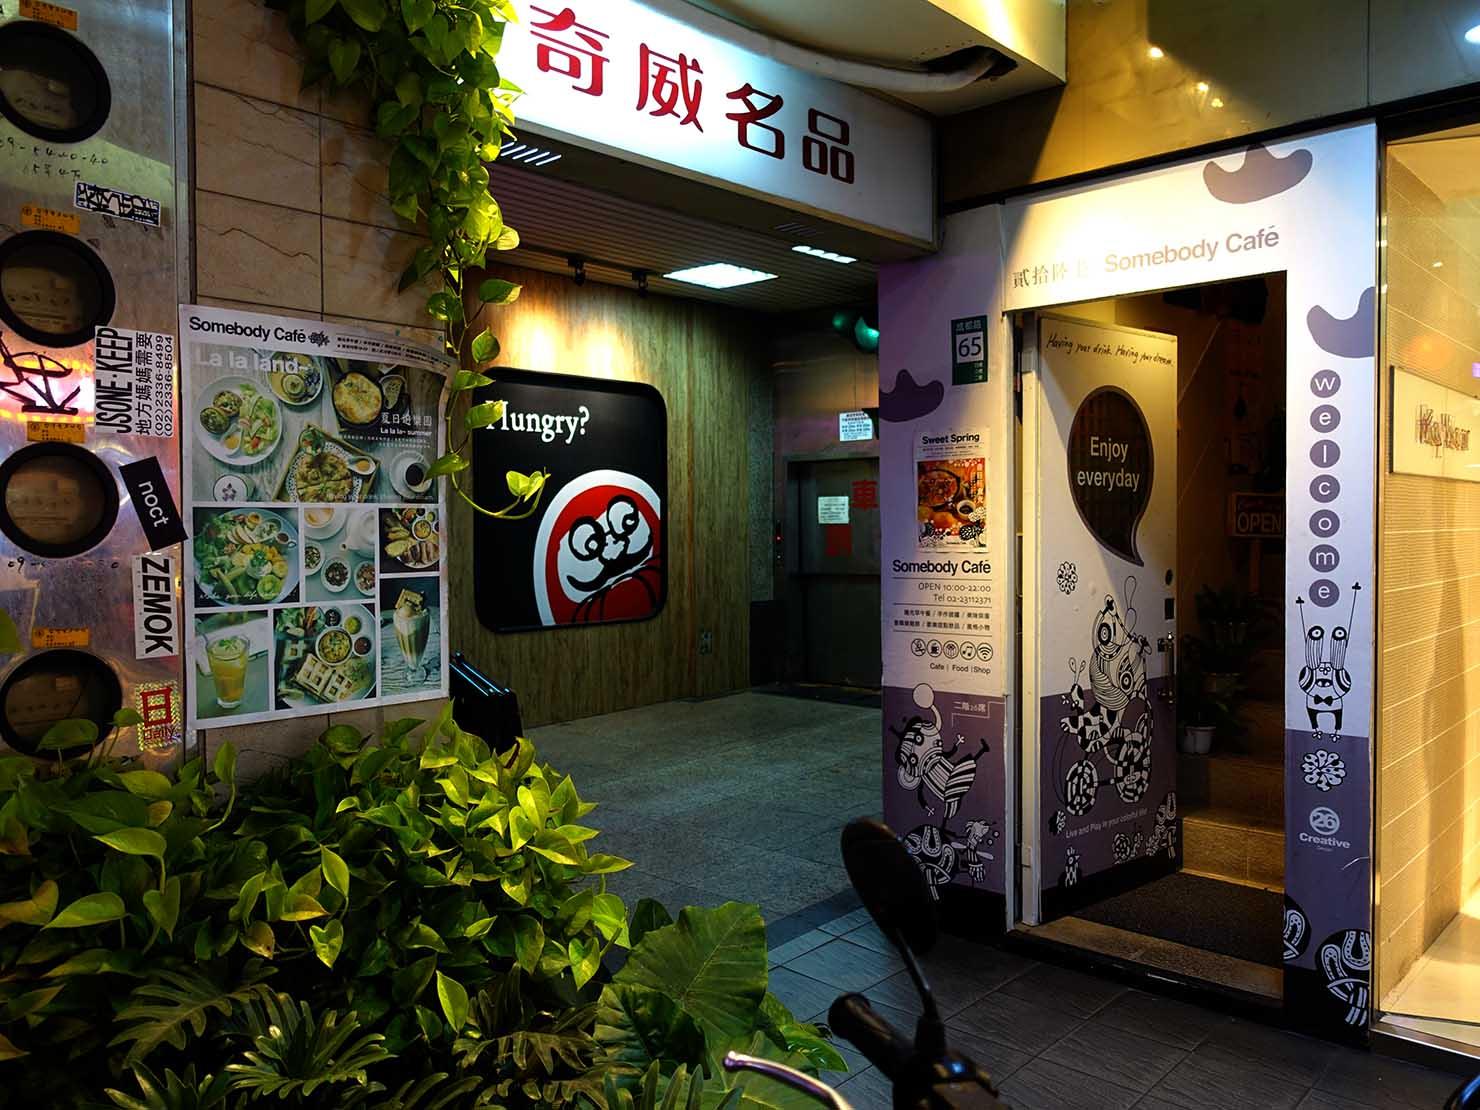 台北・西門町にあるLGBTフレンドリーカフェ「貳拾陸巷 Somebody Cafe」のエントランス